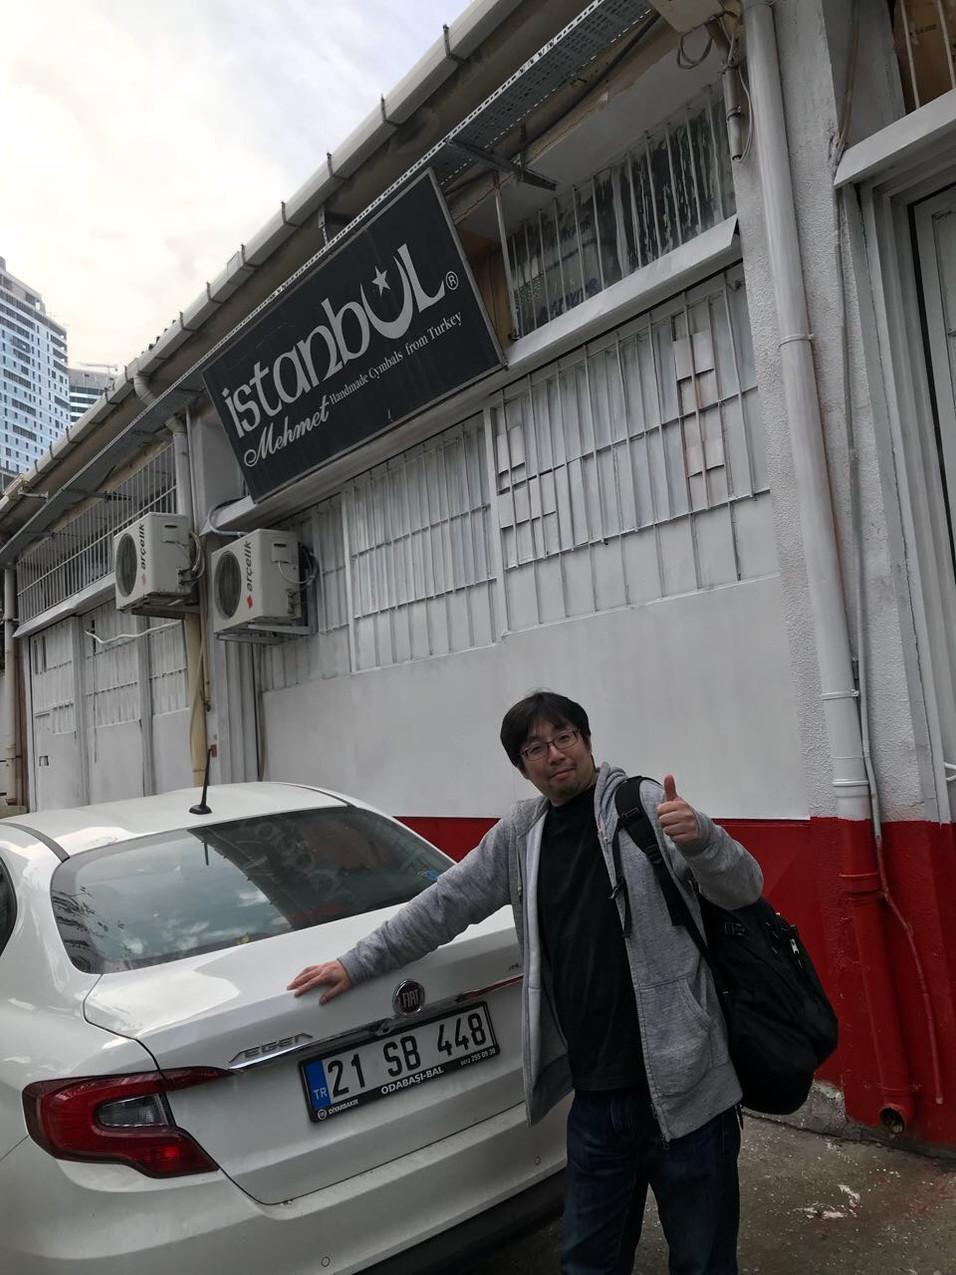 イスタンブール・メメット工房は東大阪の工場地帯風wの場所にあります。